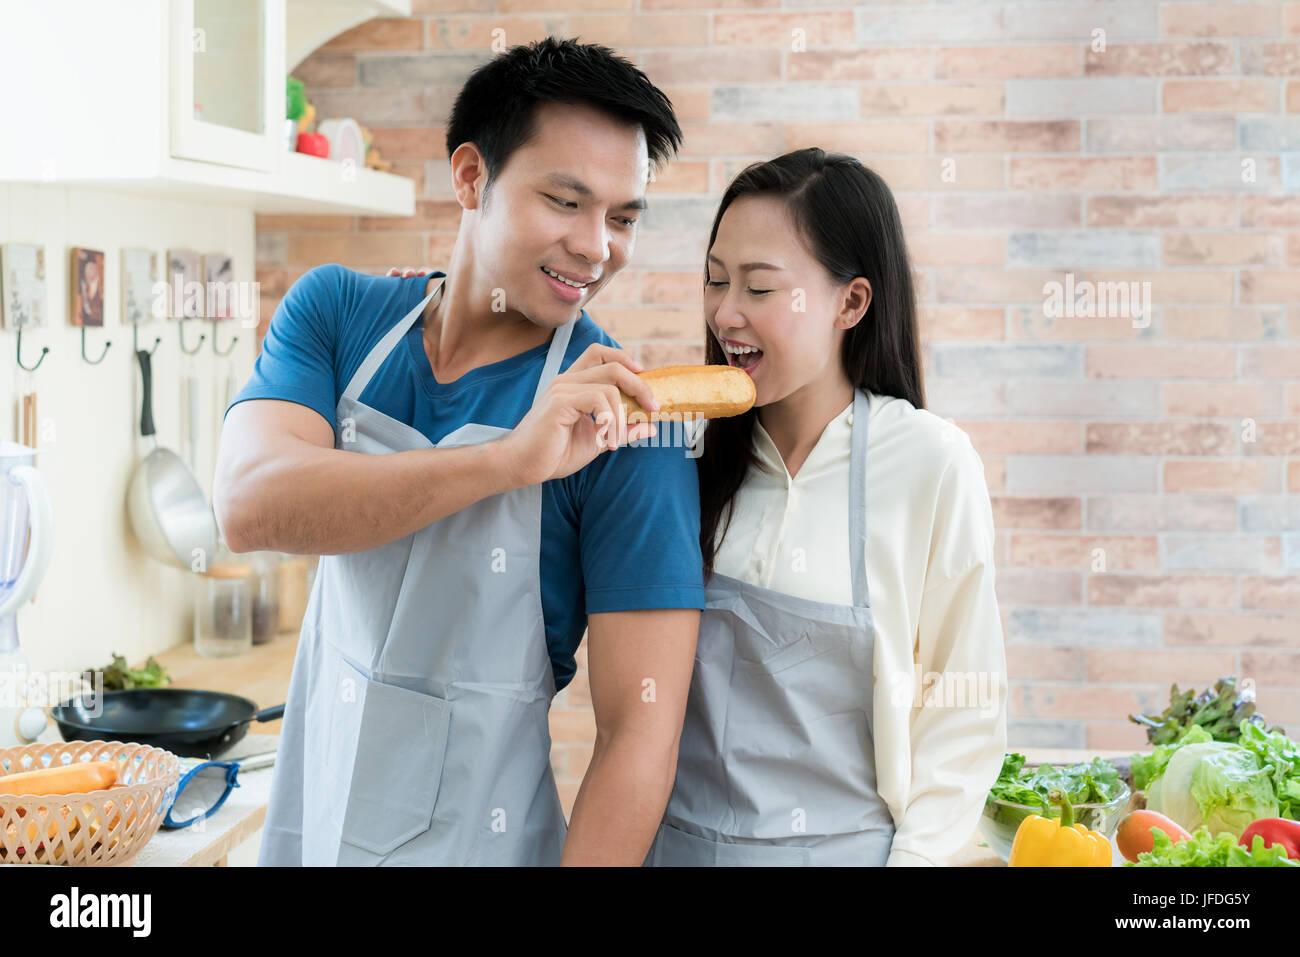 Asian bella giovane coppia è pane di alimentazione sorridere mentre la cottura nella cucina di casa. Felice Immagini Stock